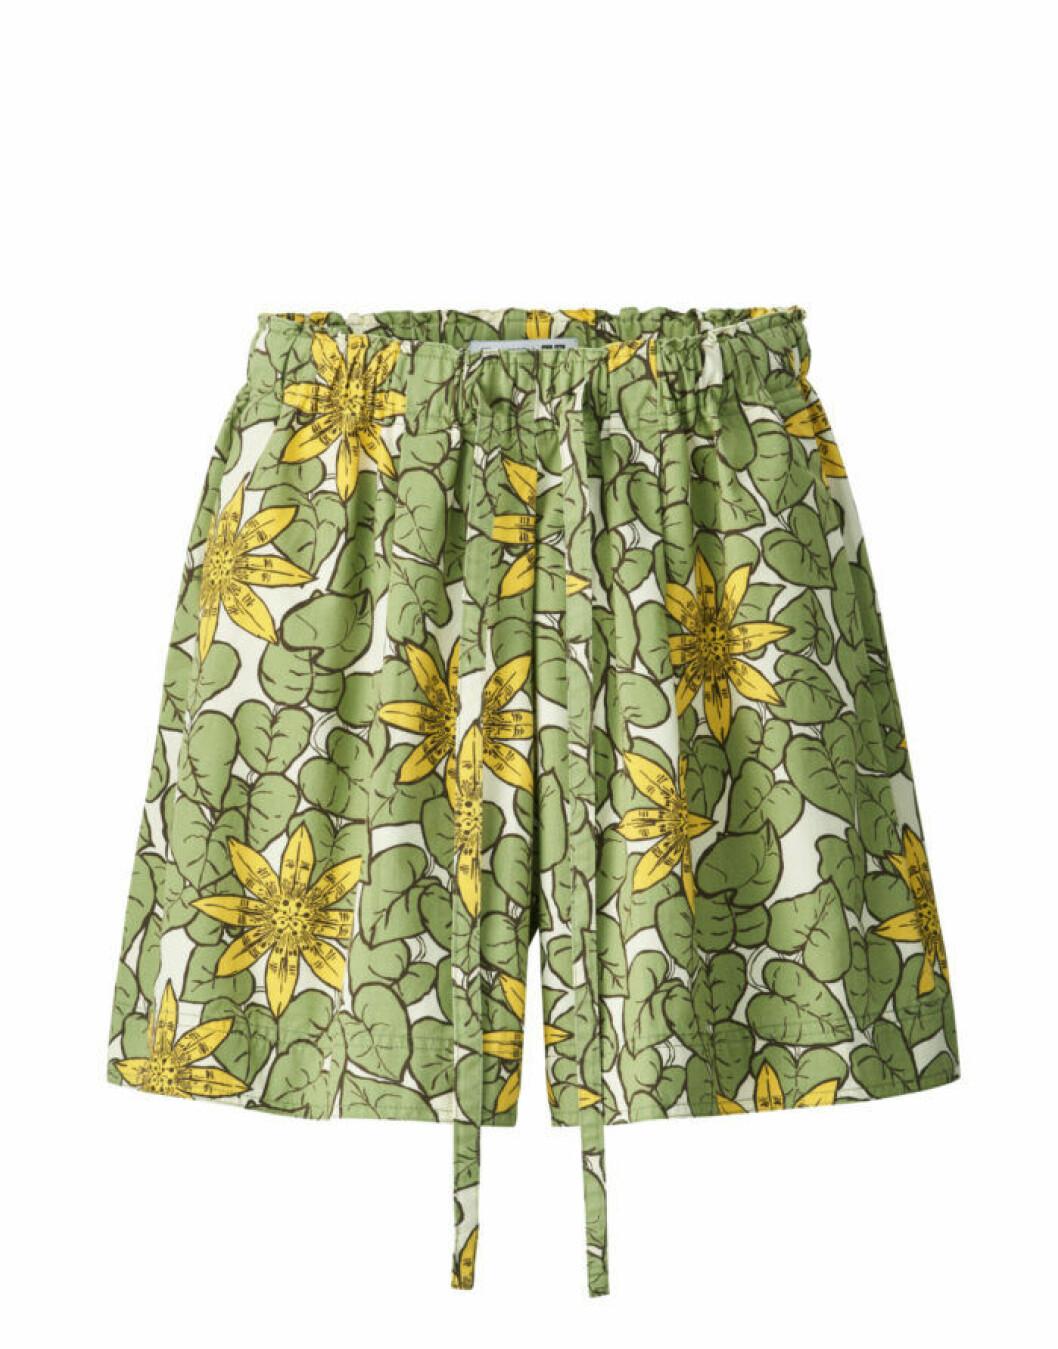 Grönmönstrade shorts med dragsko i midjan